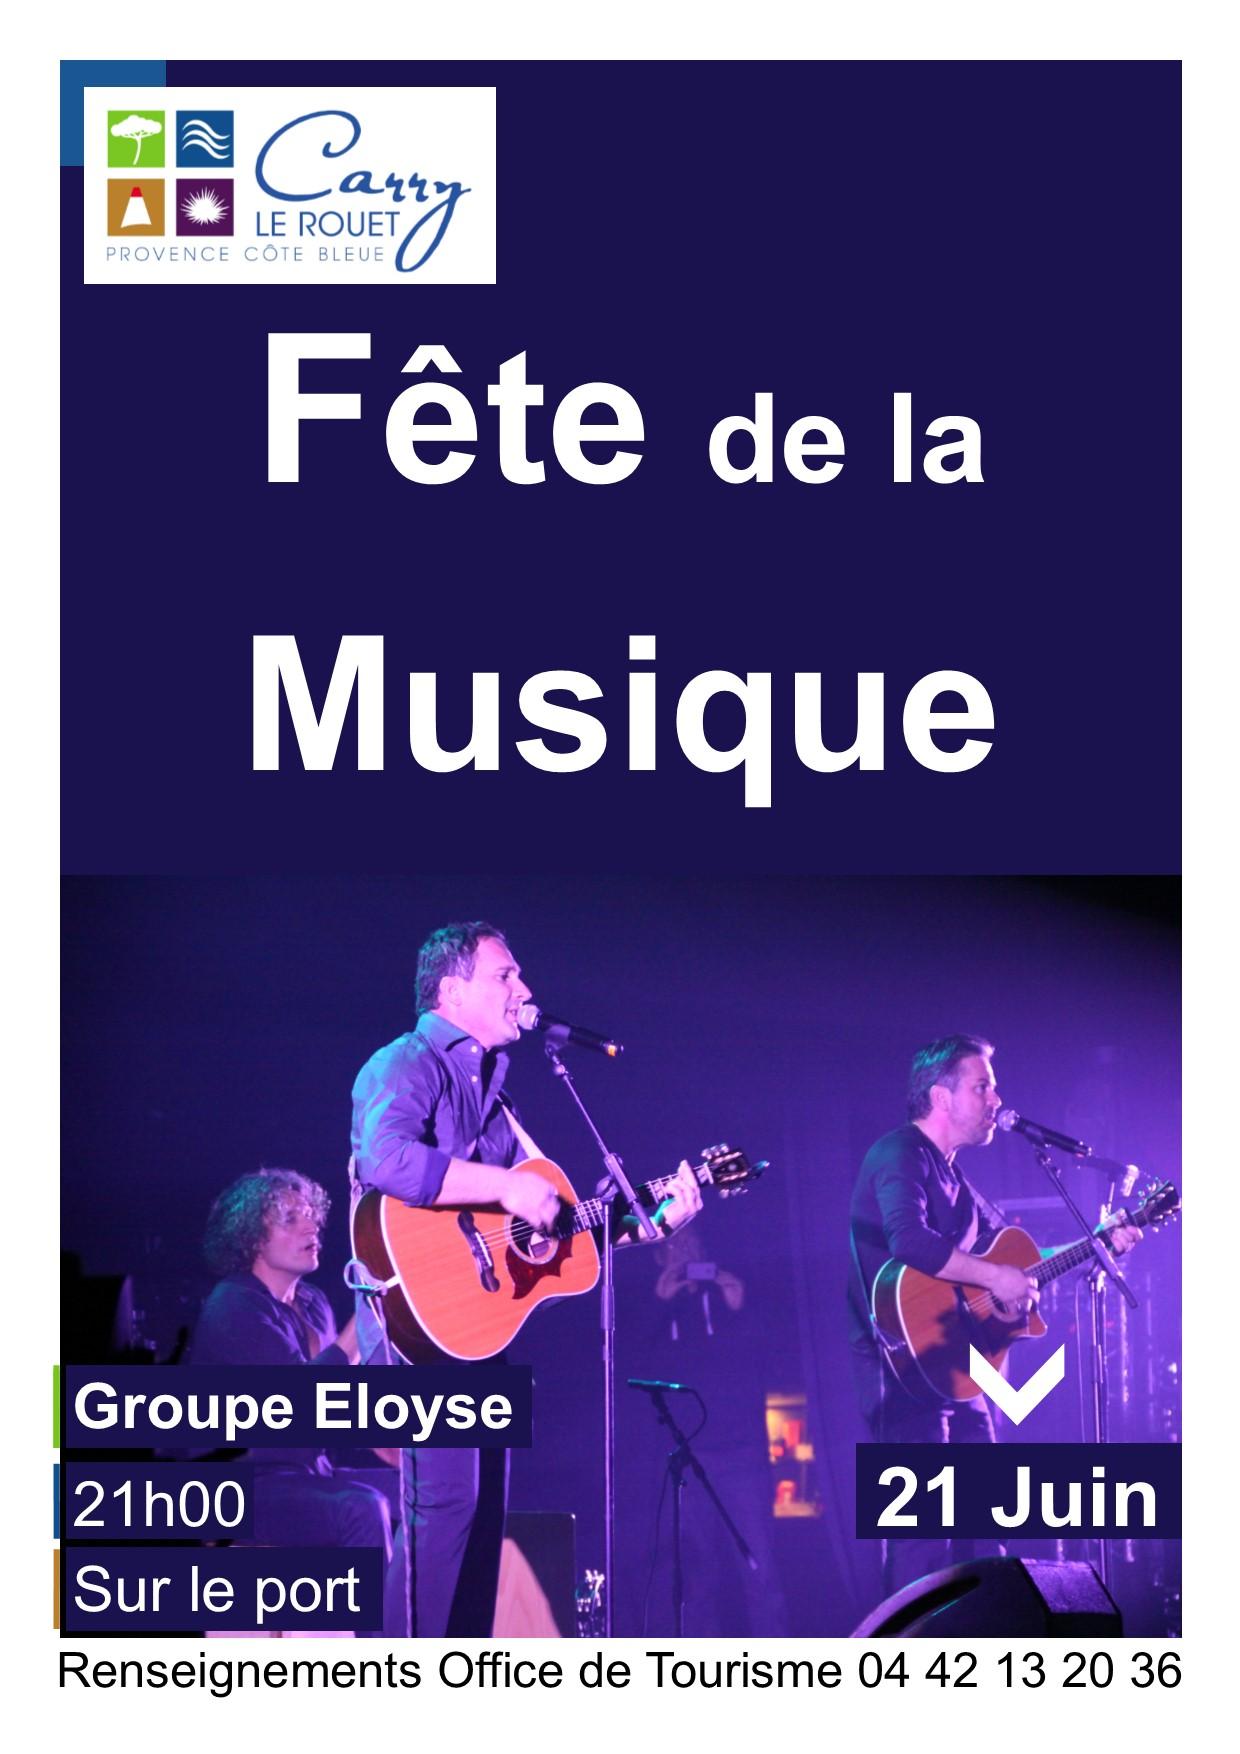 Fªte de la musique 2017  Carry le Rouet Bouches du Rhone Foxoo